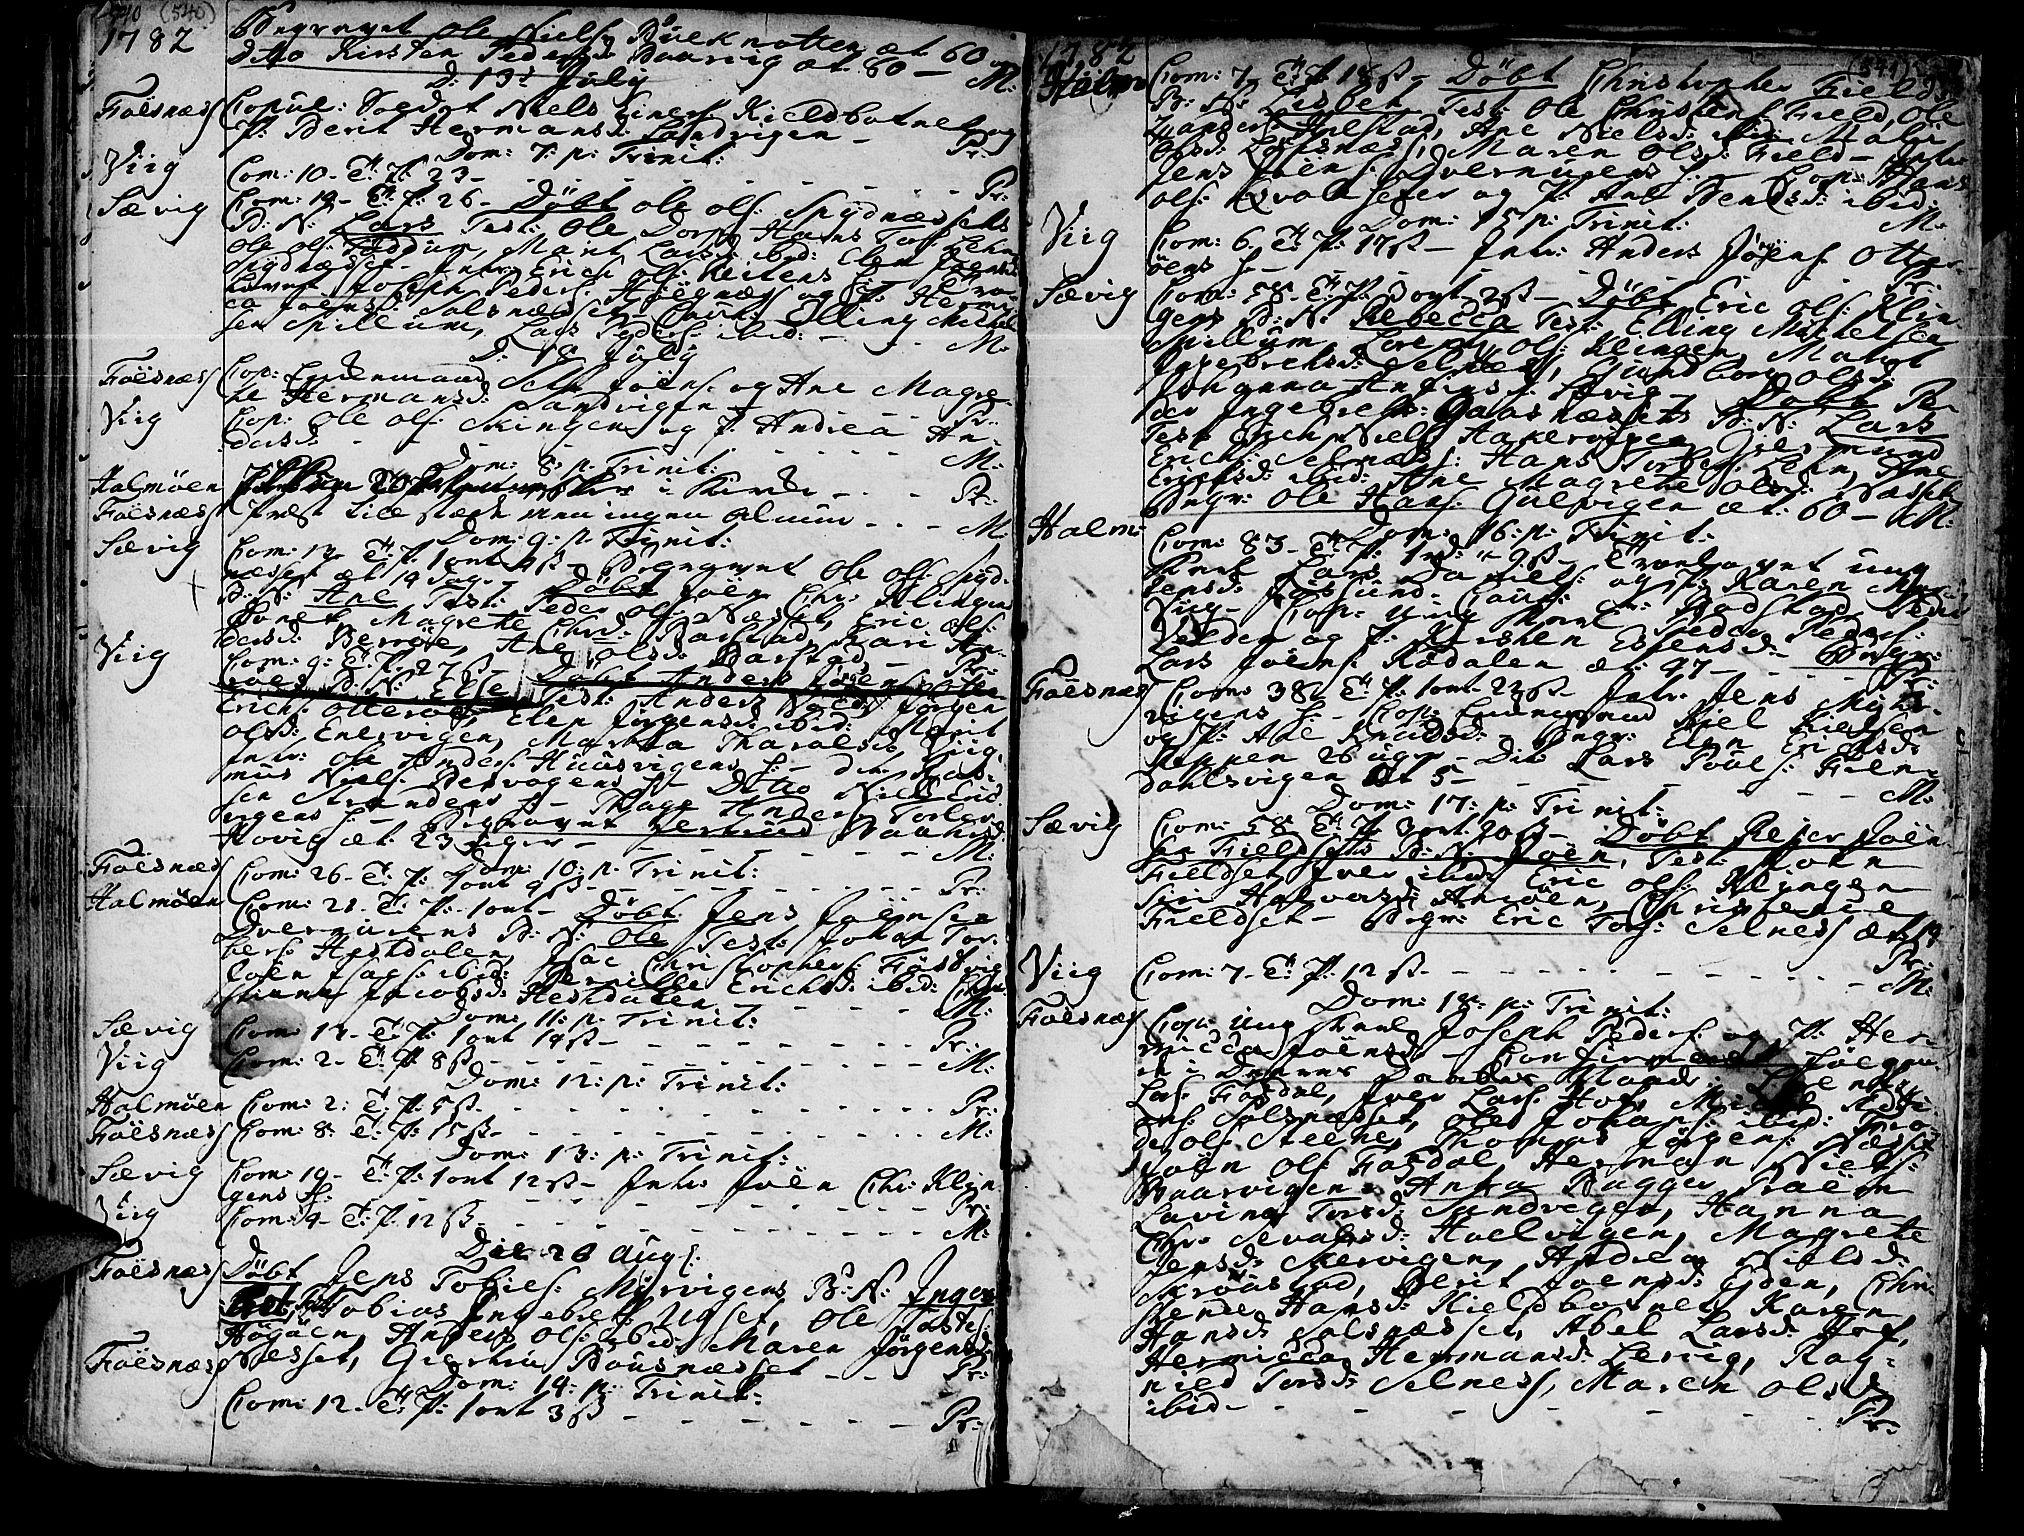 SAT, Ministerialprotokoller, klokkerbøker og fødselsregistre - Nord-Trøndelag, 773/L0607: Ministerialbok nr. 773A01, 1751-1783, s. 540-541